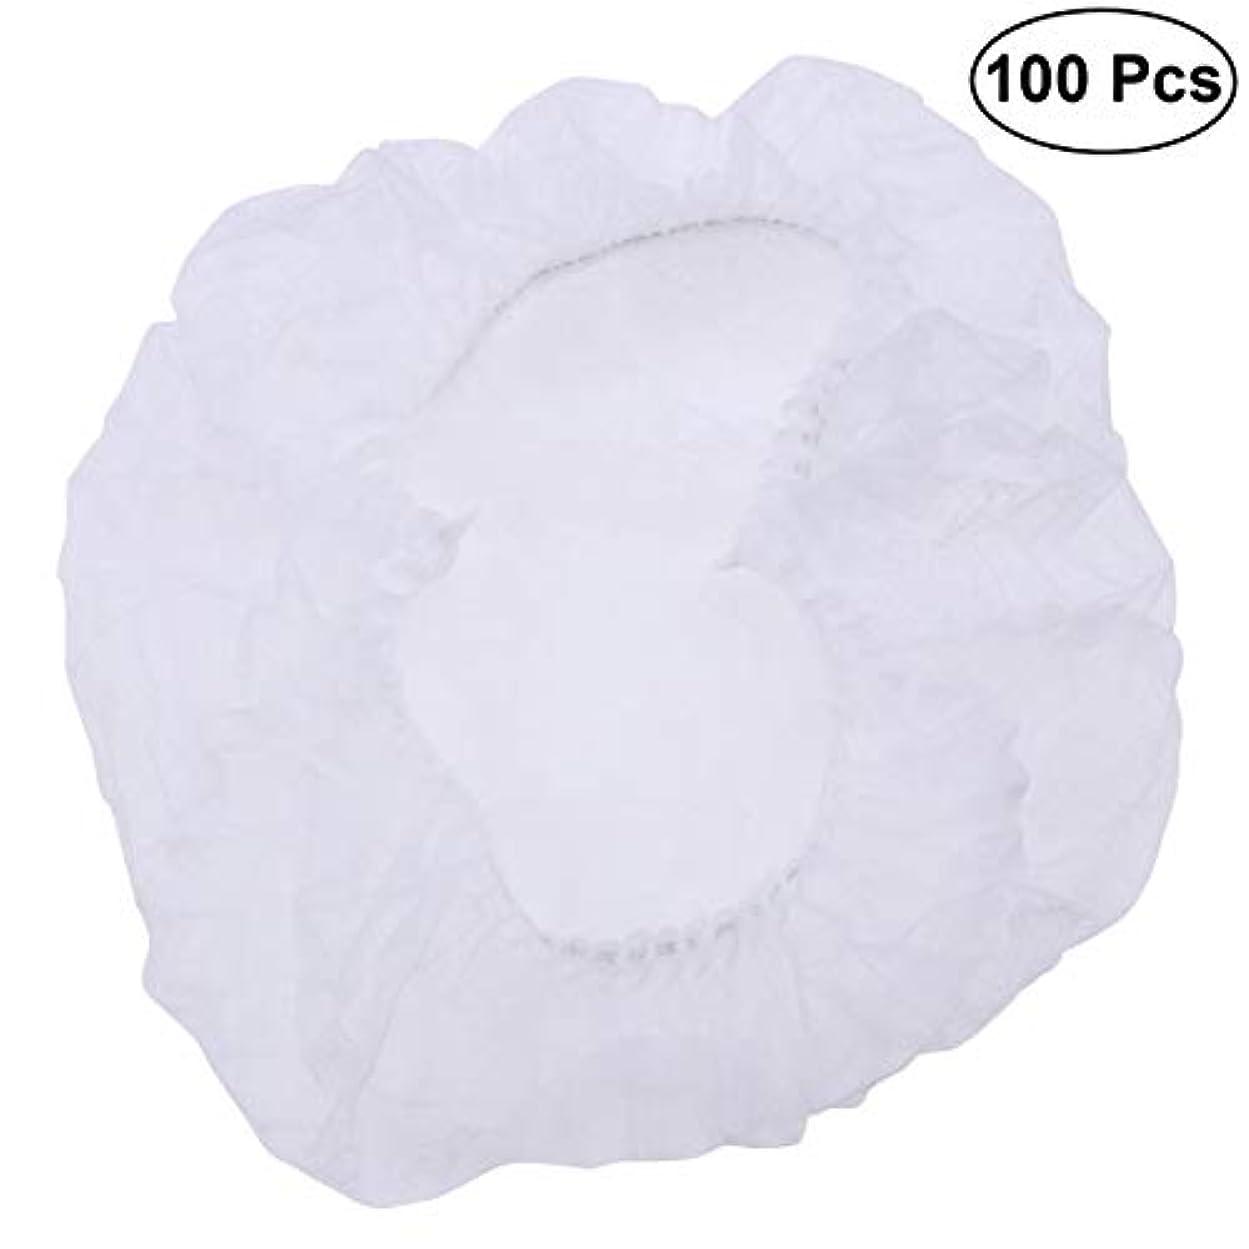 インテリア軽量エレベーターSUPVOX ヘアサロンの家のホテル100pcsのための使い捨て可能なシャワーキャップの伸縮性がある毛の帽子